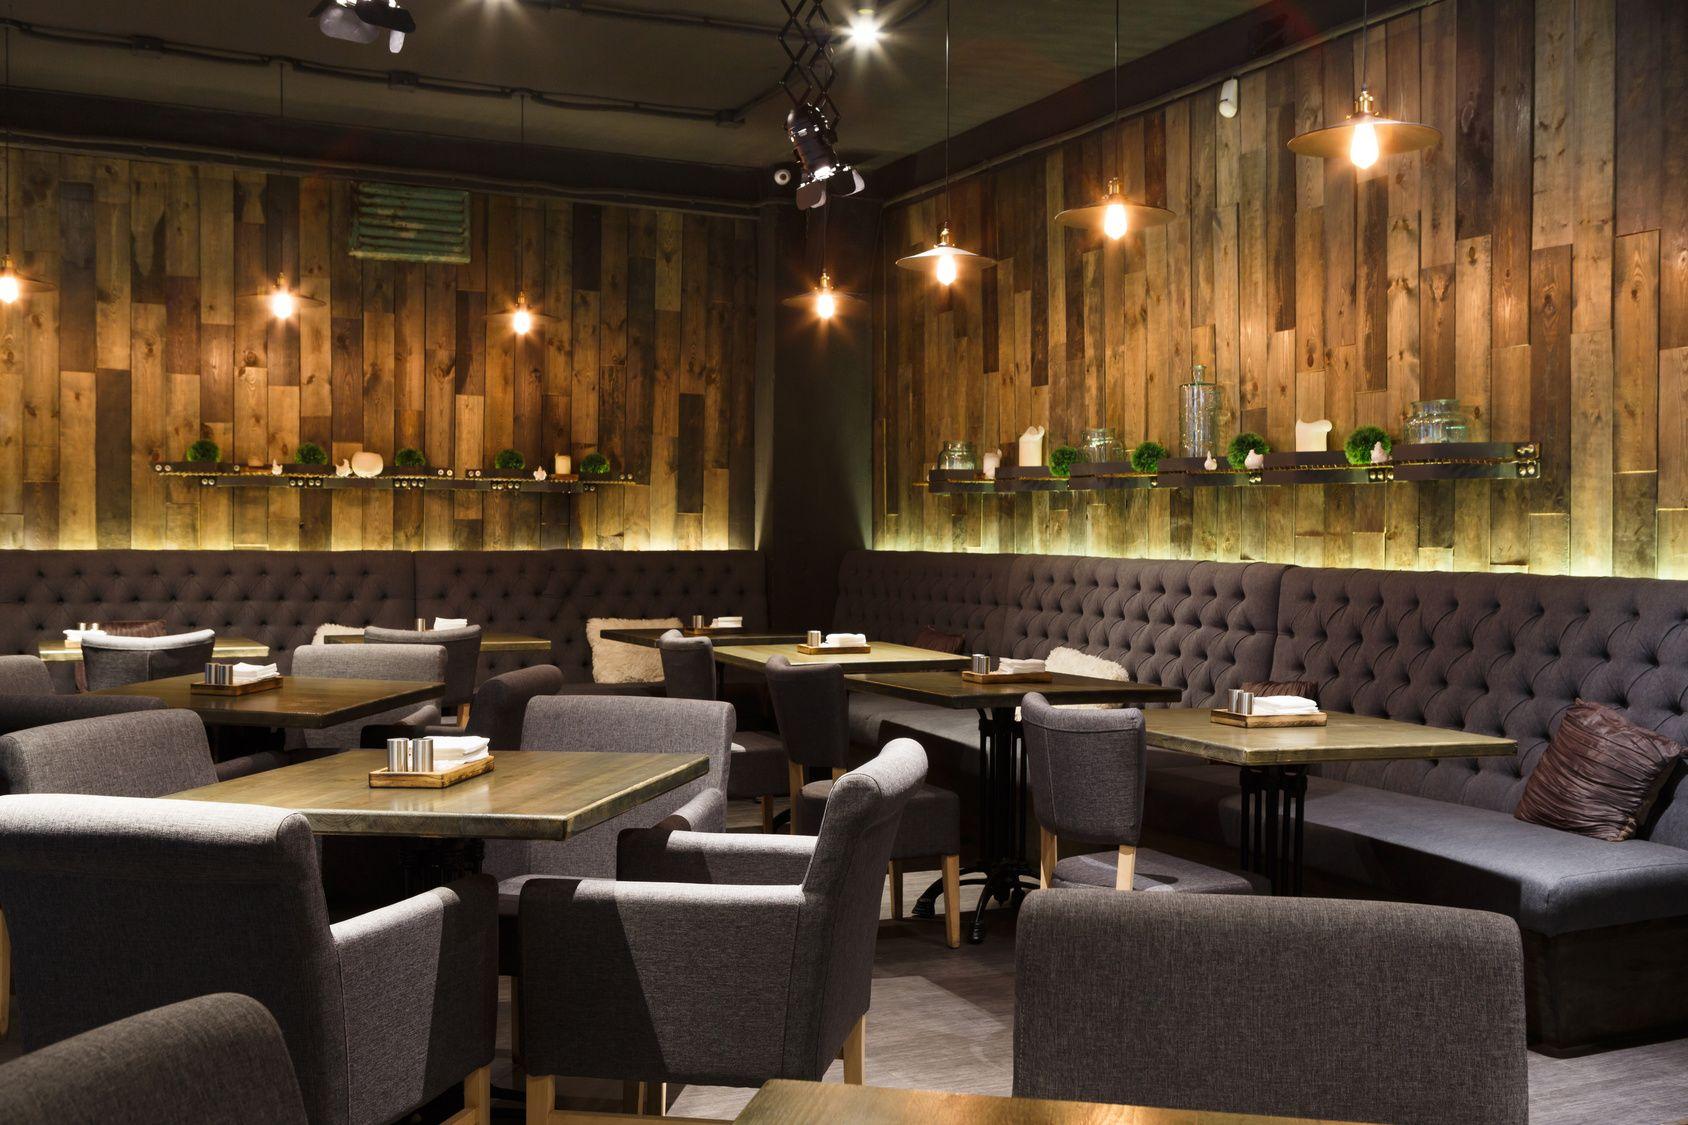 Gastronomie Interior Design